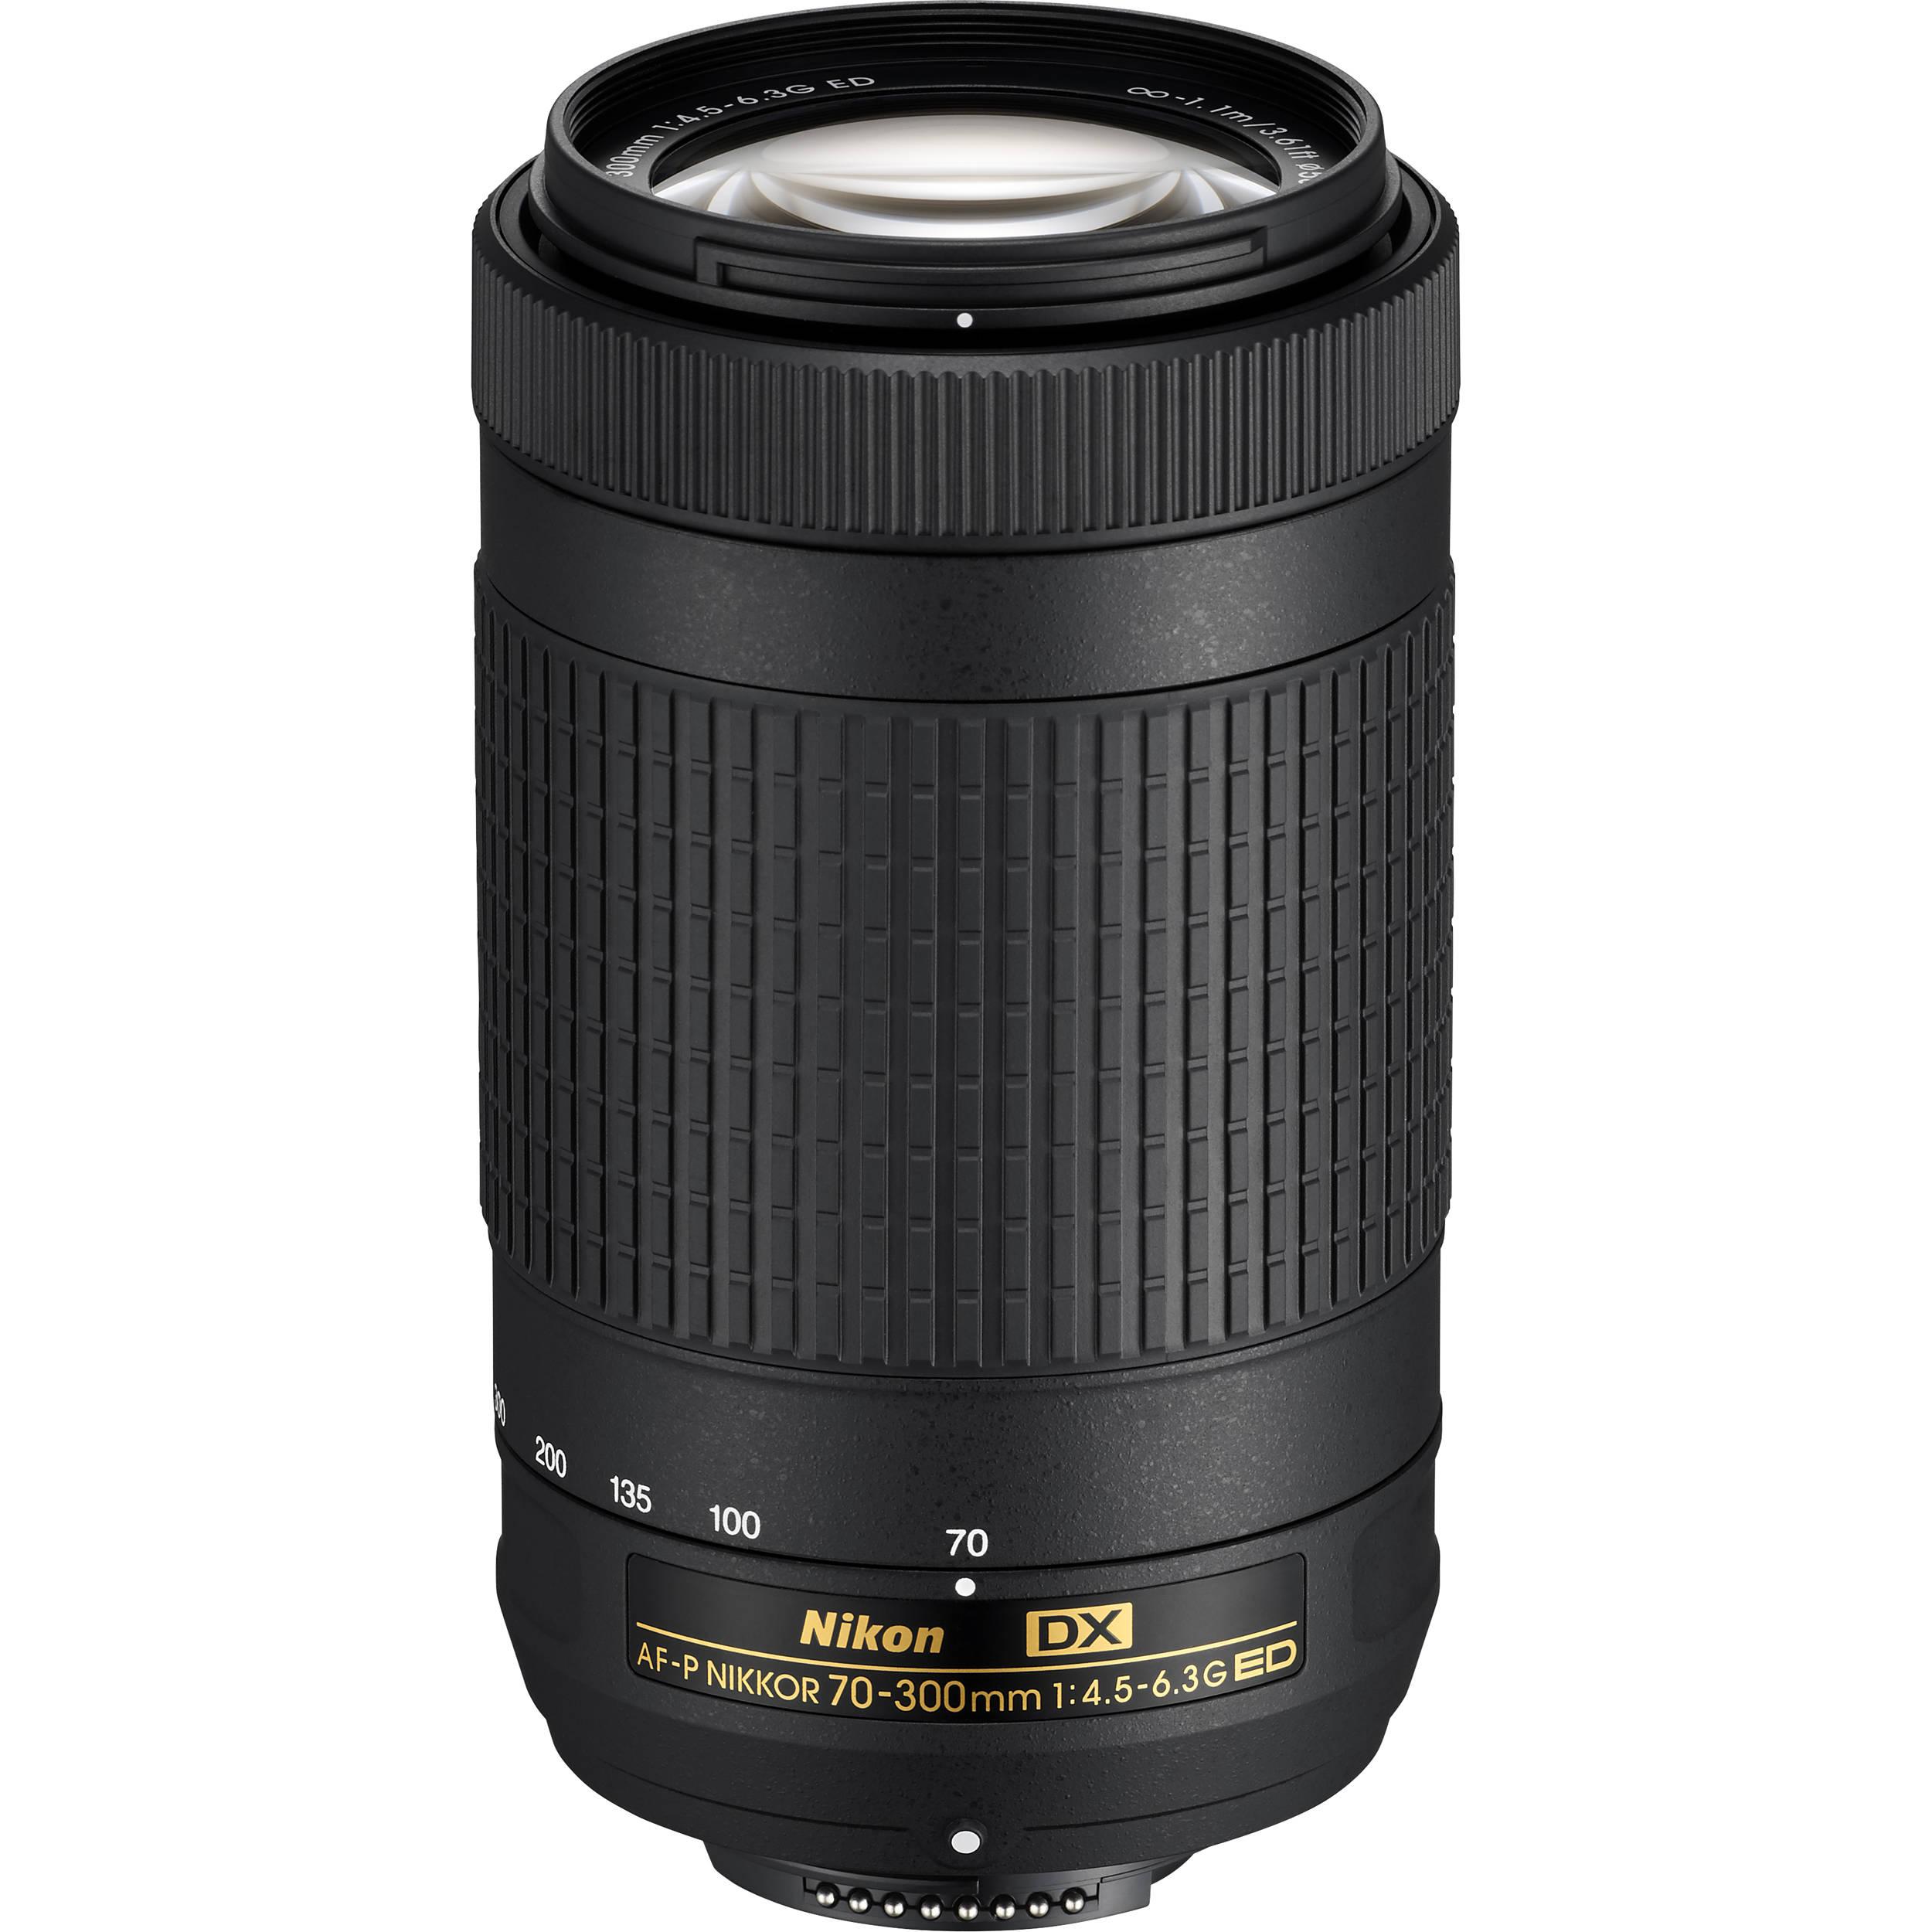 58mm Soft Rubber Lens Hood for Nikon D5600 55mm Soft Rubber Lens Hood D3400 DSLR Camera with Nikon 18-55mm f//3.5-5.6G VR AF-P DX and Nikon 70-300mm f//4.5-6.3G ED